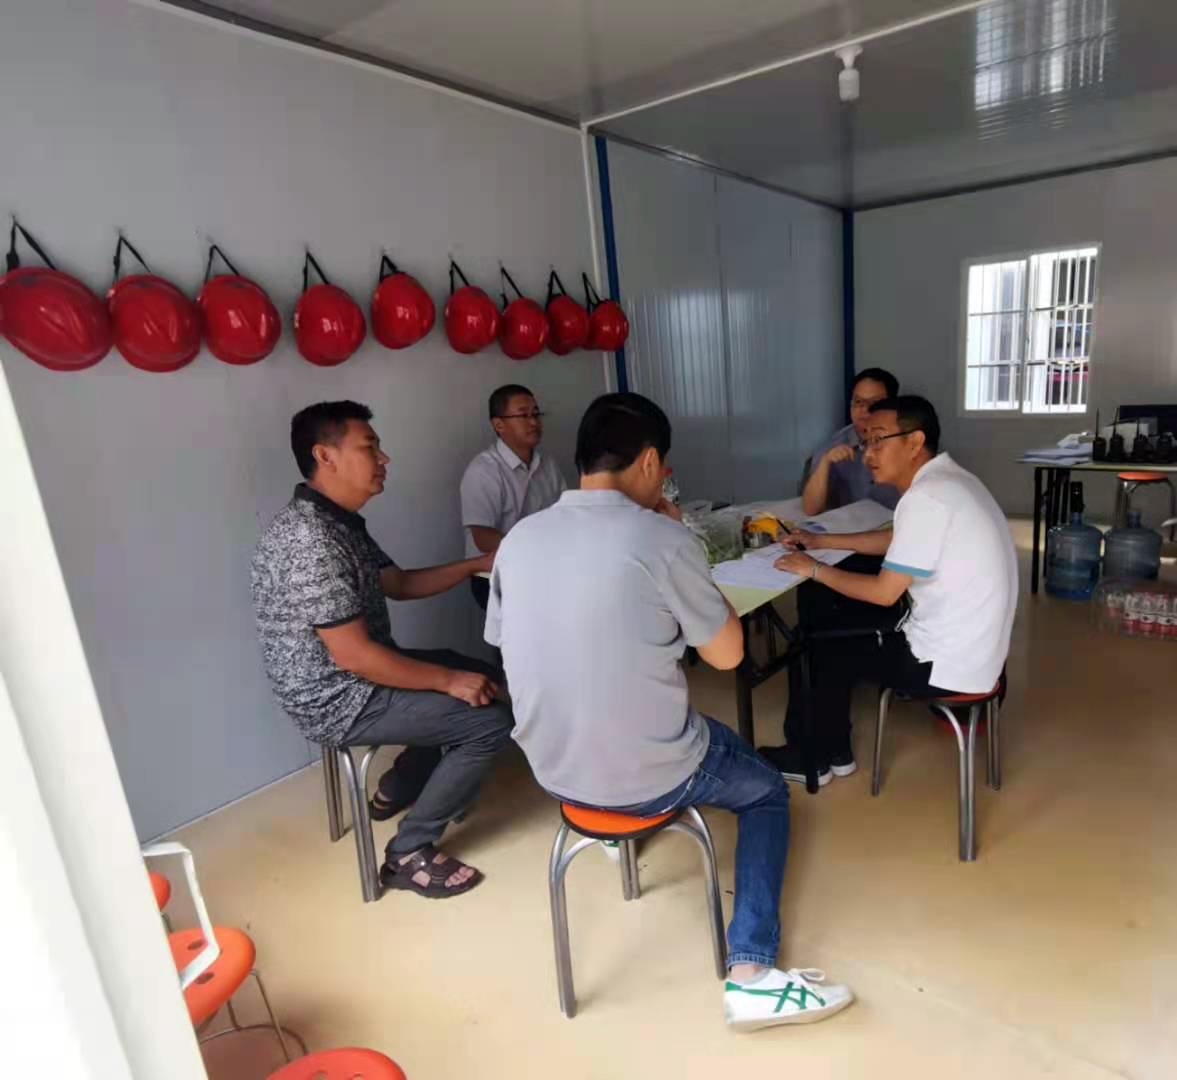 云南迪思公司辦公樓加固工程竣工驗收合格